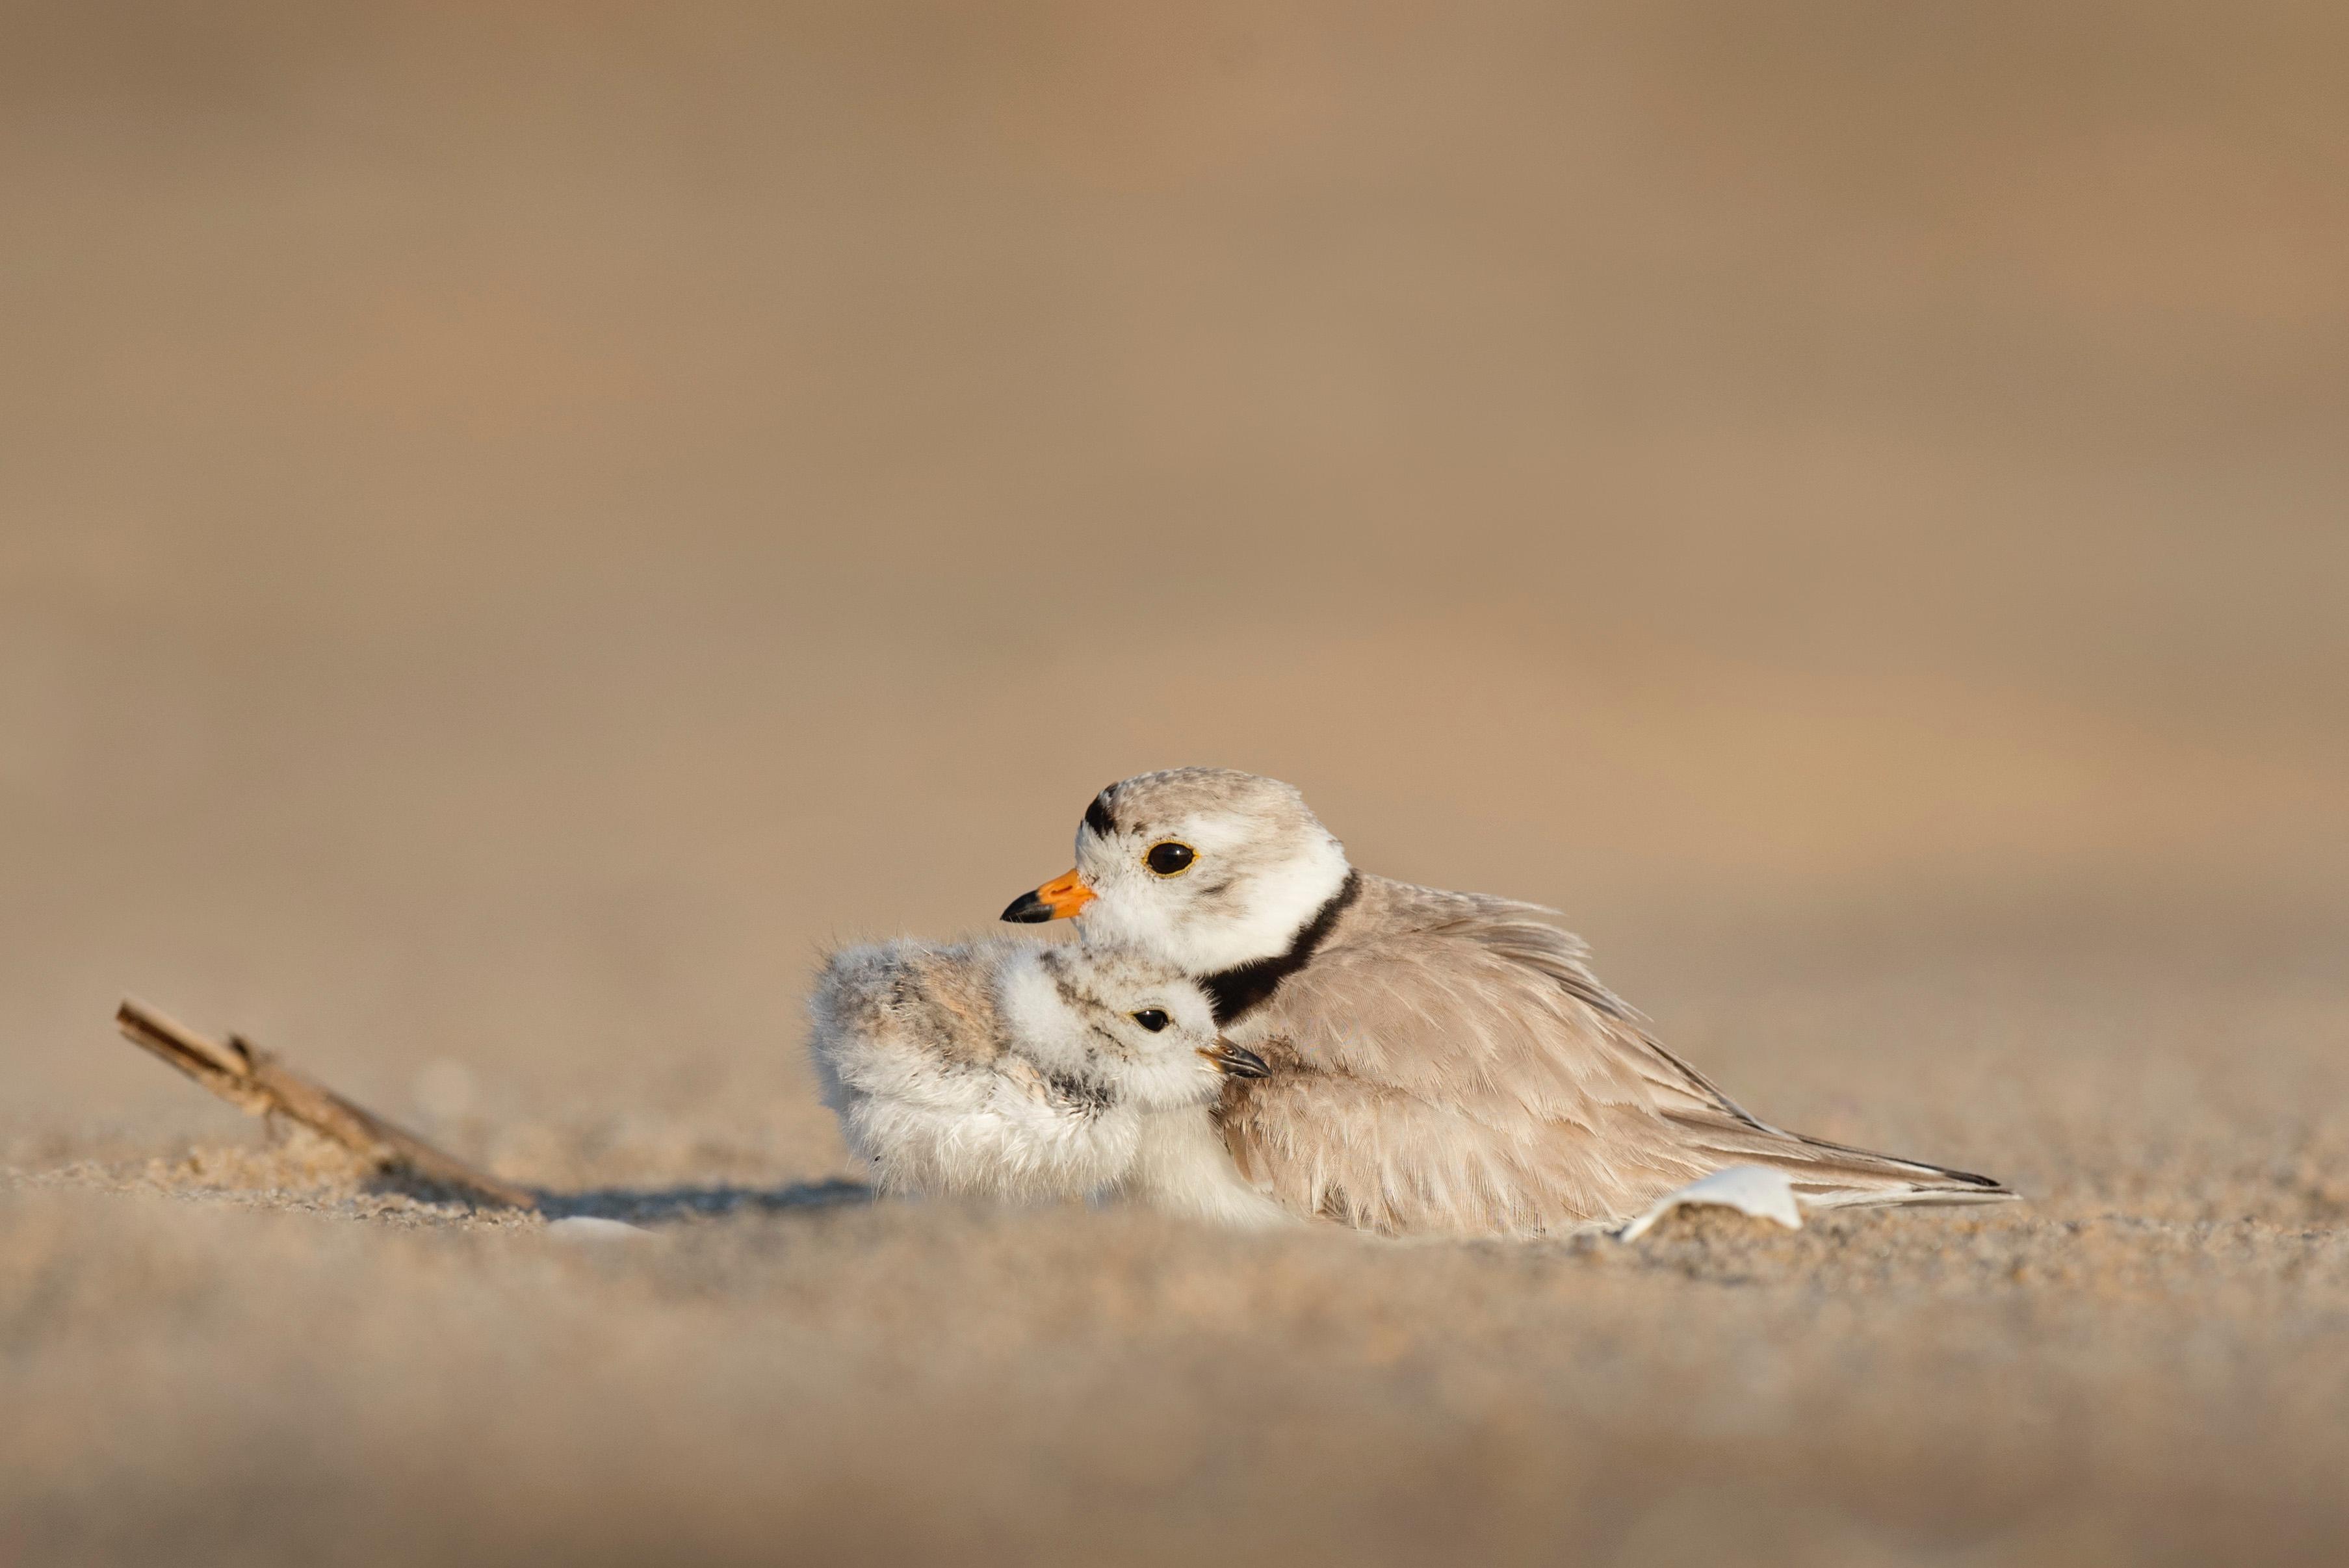 Une maman oiseau avec son bébé oiseau